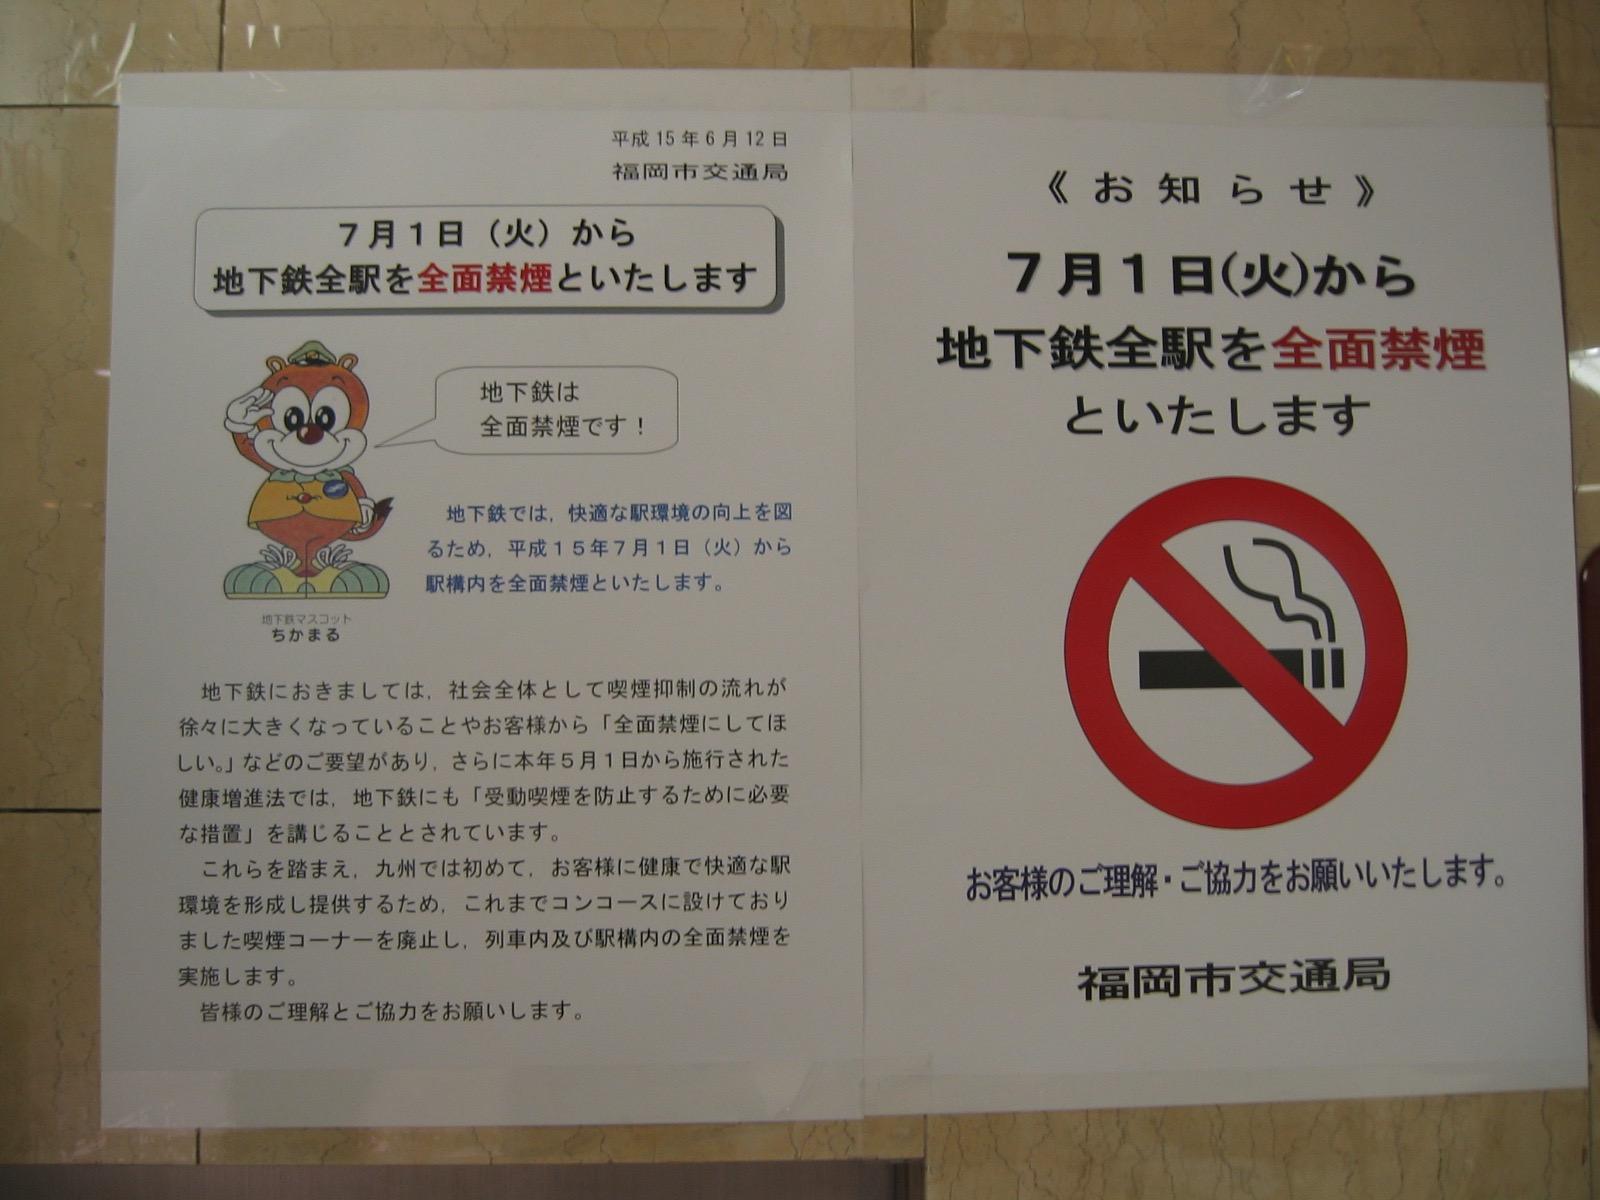 禁止 飲食 店 喫煙